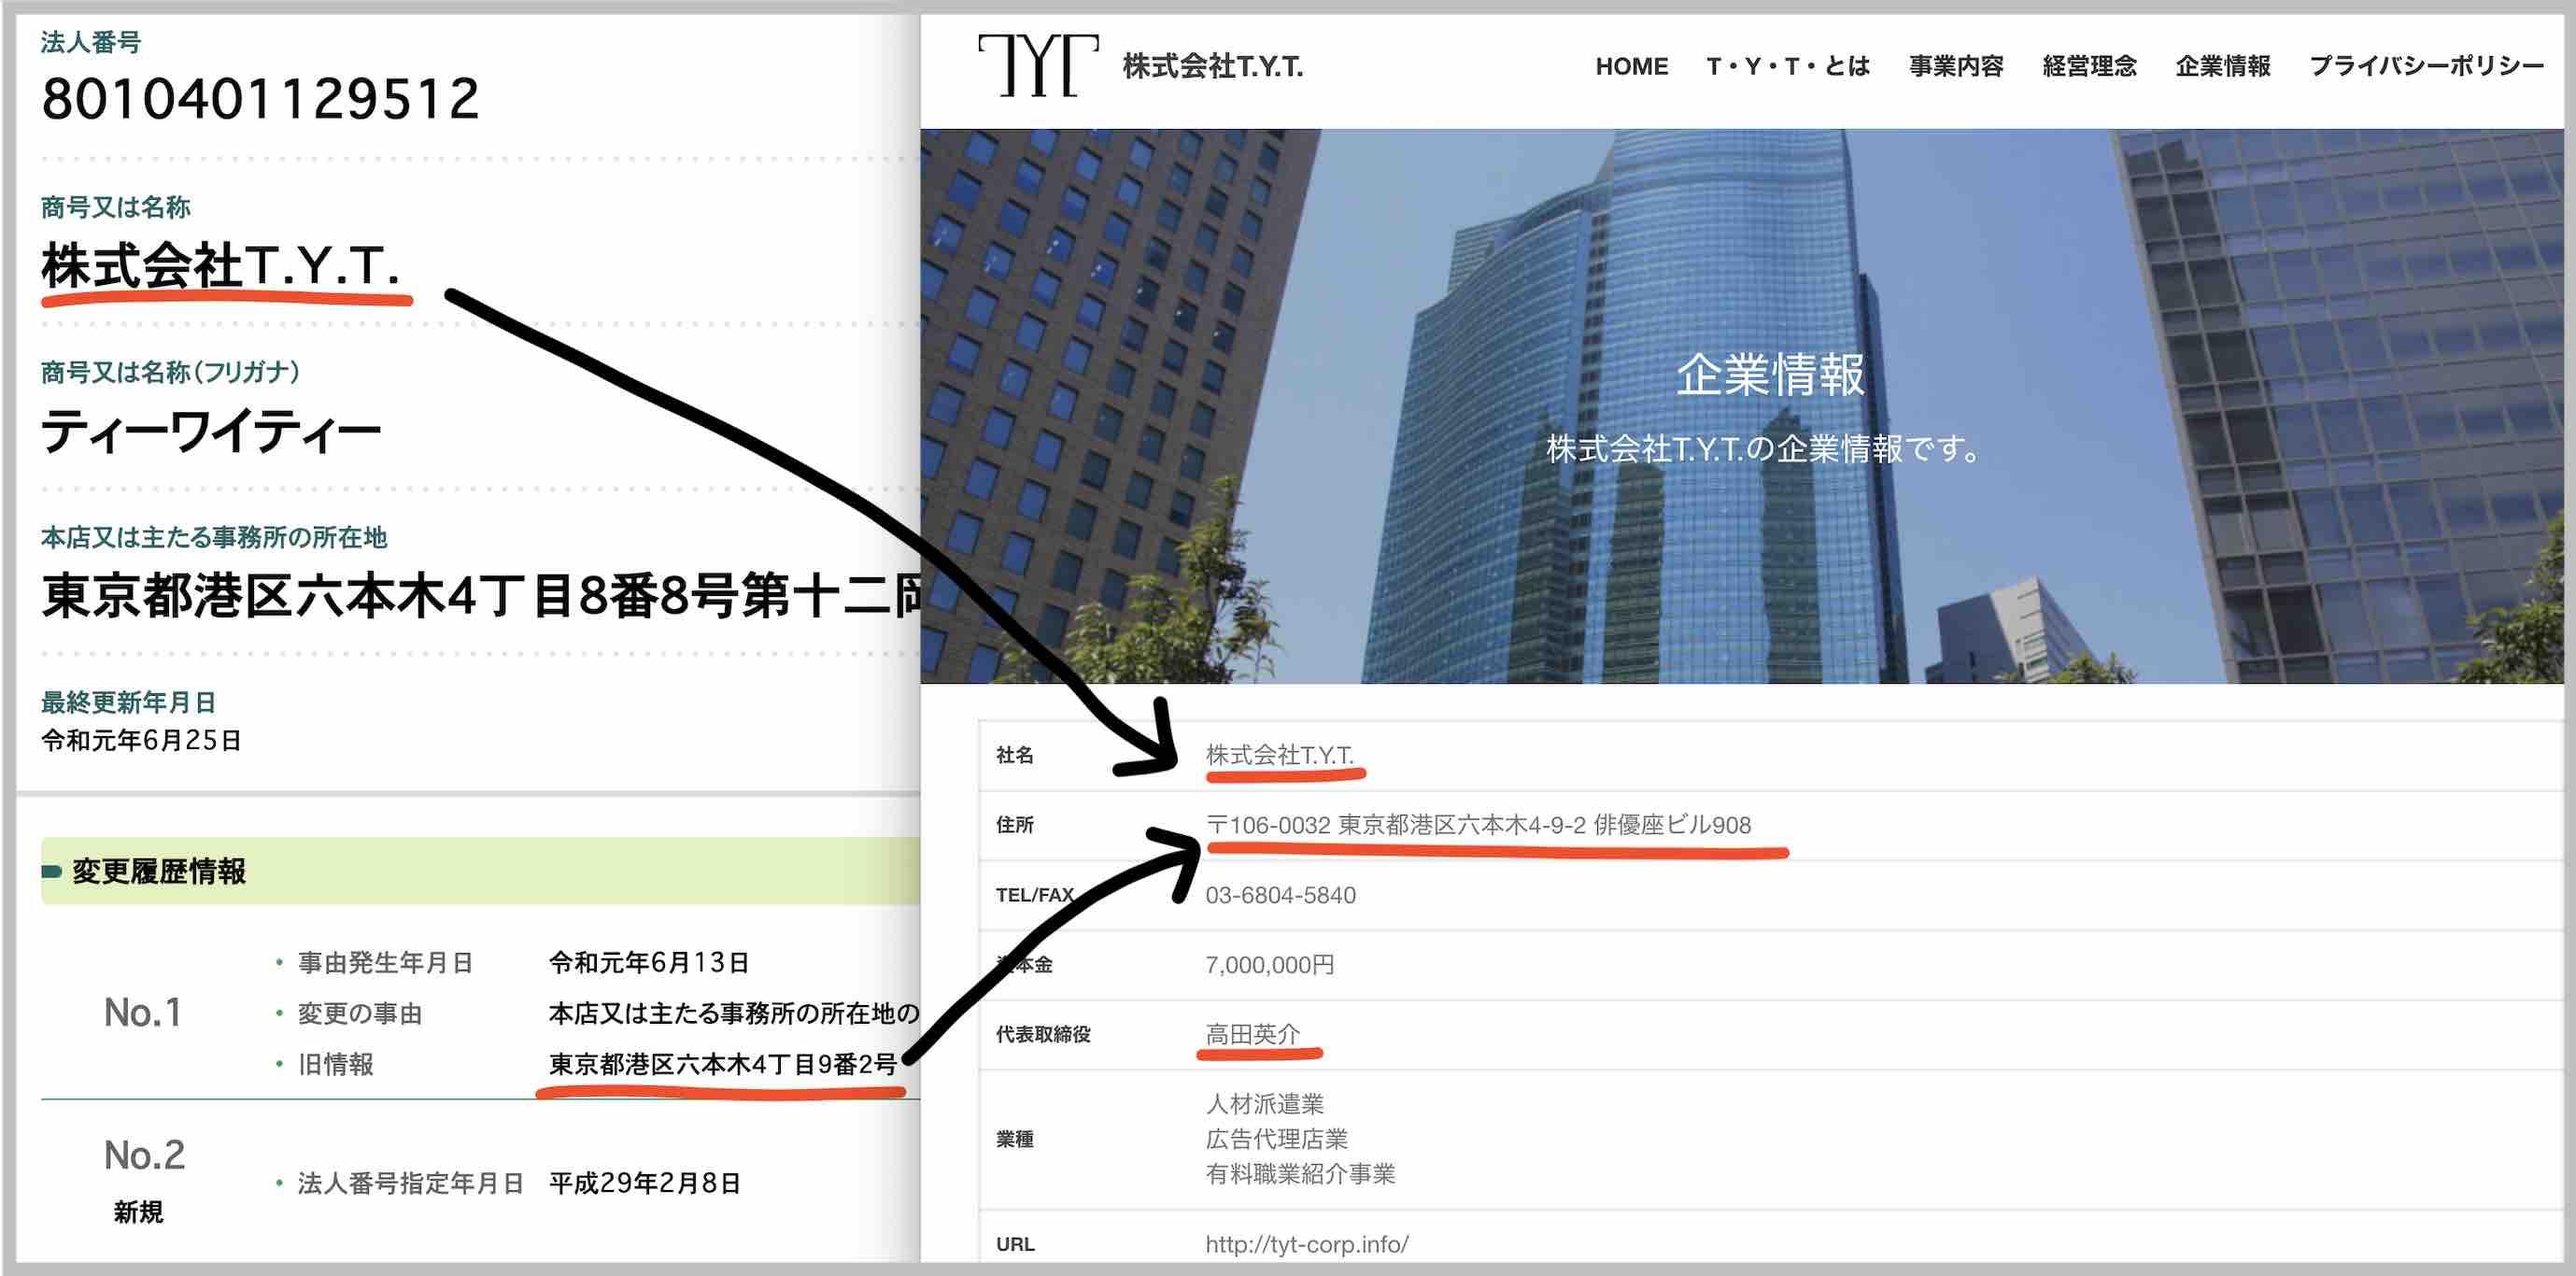 栄光の勝馬という競馬予想サイトの運営社、株式会社T.Y.T.のウェブサイト発見